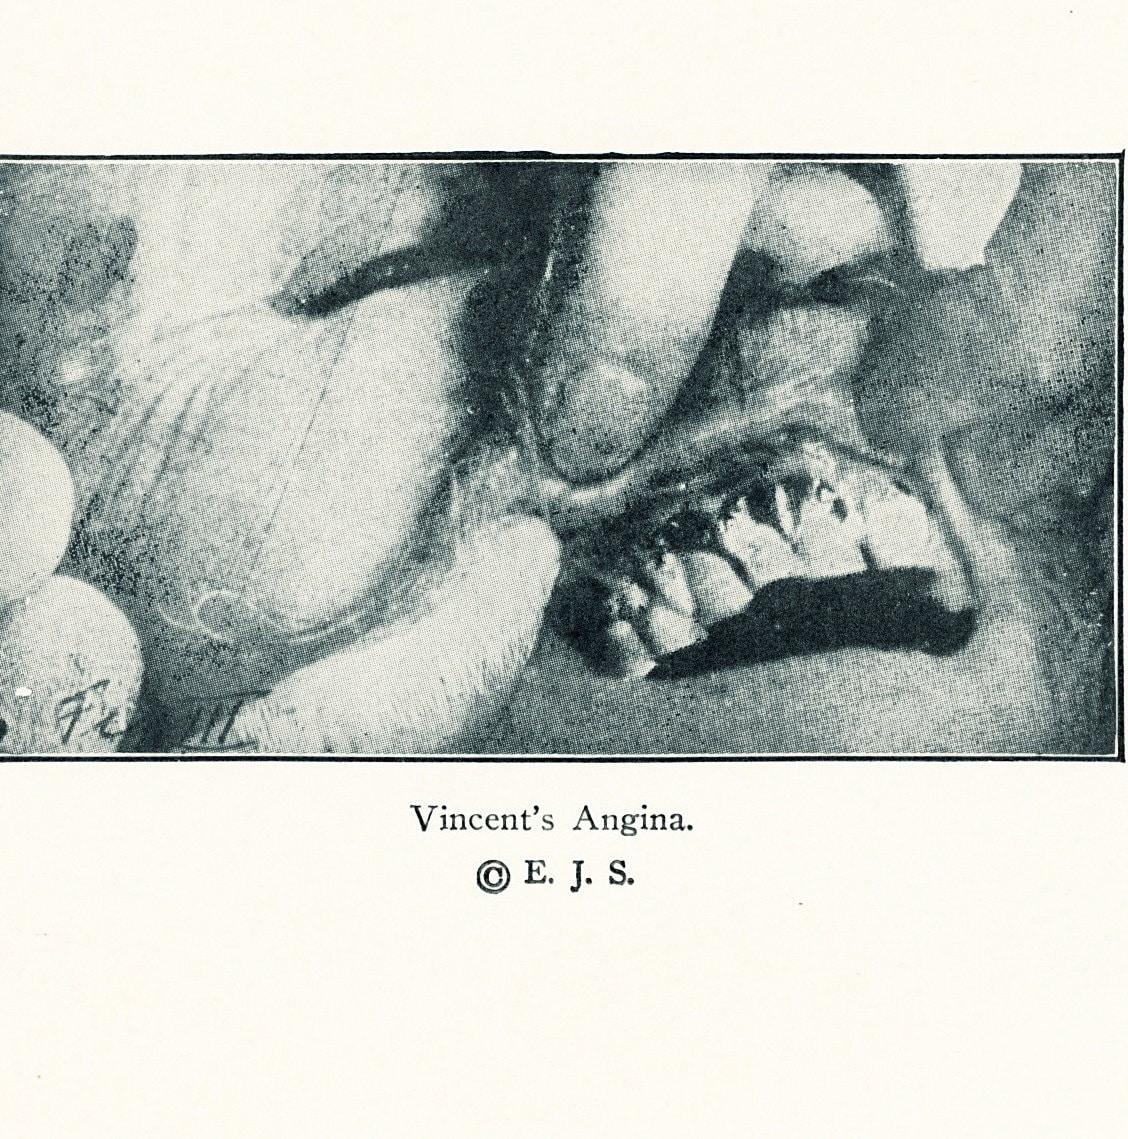 Gum Krankheit Gum Geschwüre Zahnerkrankungen medizinische